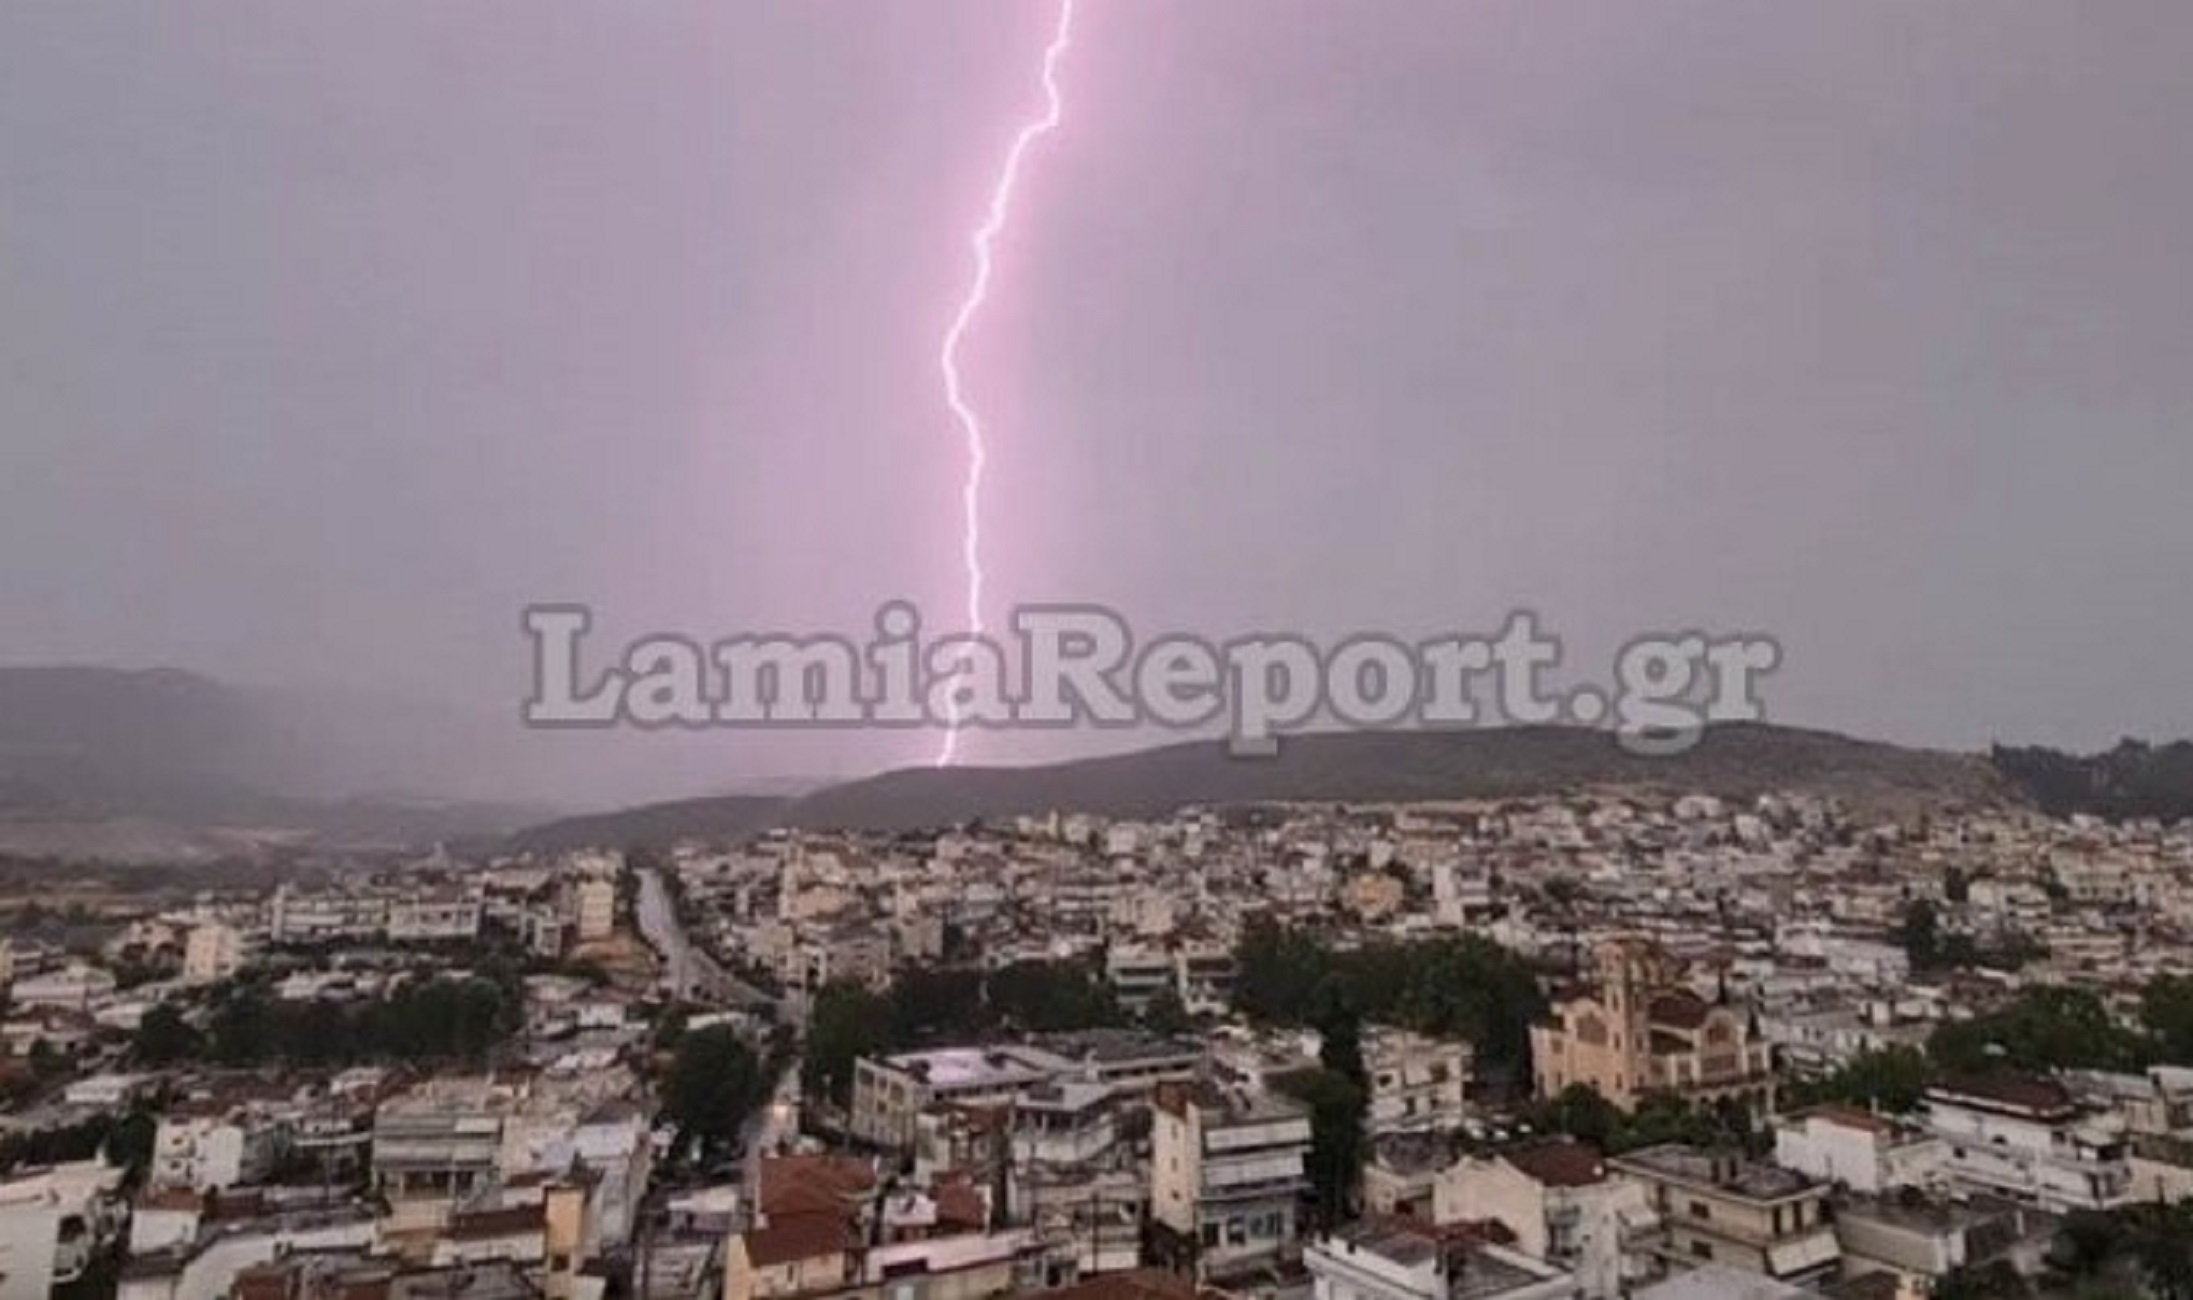 «Άνοιξαν οι ουρανοί» στη Λαμία – Αστραπές και βροντές μέσα στην πόλη (pics, video)